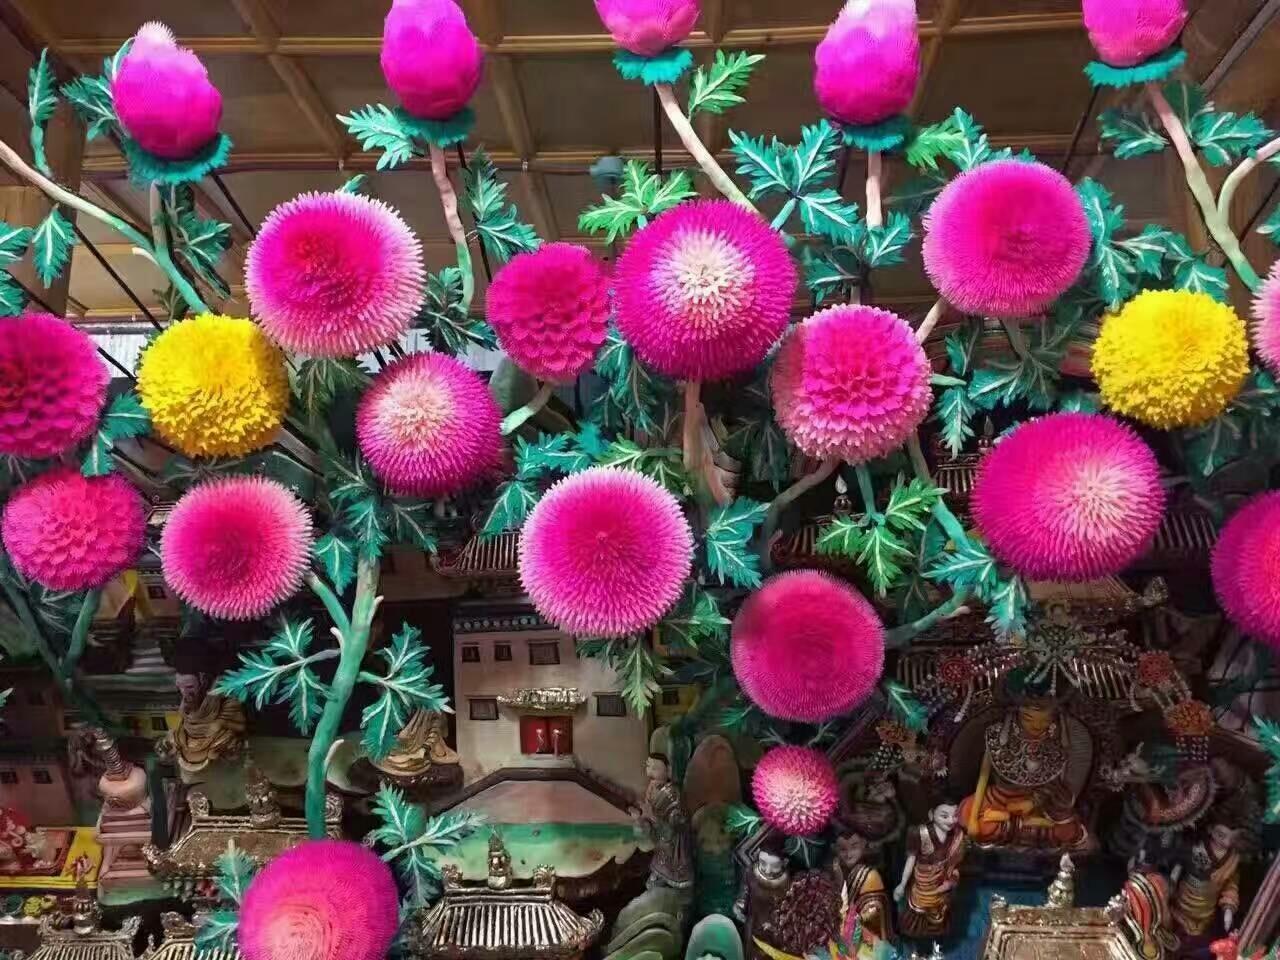 青海的塔尔寺每年正月十五都要举行酥油花展。这一活动从1409年起,一直延续至今。 酥油花是用酥油制作的一种特殊形式的雕塑艺术。 幸饶弥沃如来佛祖创建了雍仲本教后改变了很多原始的信仰方式,包括改变了杀生祭神等等,而采用糌粑和酥油捏成各种彩线花盘的形式来代替原始本教中要杀生祭祀的动物,减少了杀戮。这就是朵玛和酥油花的最初起源。朵玛和酥油花也被其他藏传佛教的教派广泛用来做供品并成为了藏传佛教的一大特色。我们现代藏族同胞许许多多的习俗和生活方式,也都是古象雄时代所留传下来的。藏族同胞还有许多独特的祈福方式:比如转